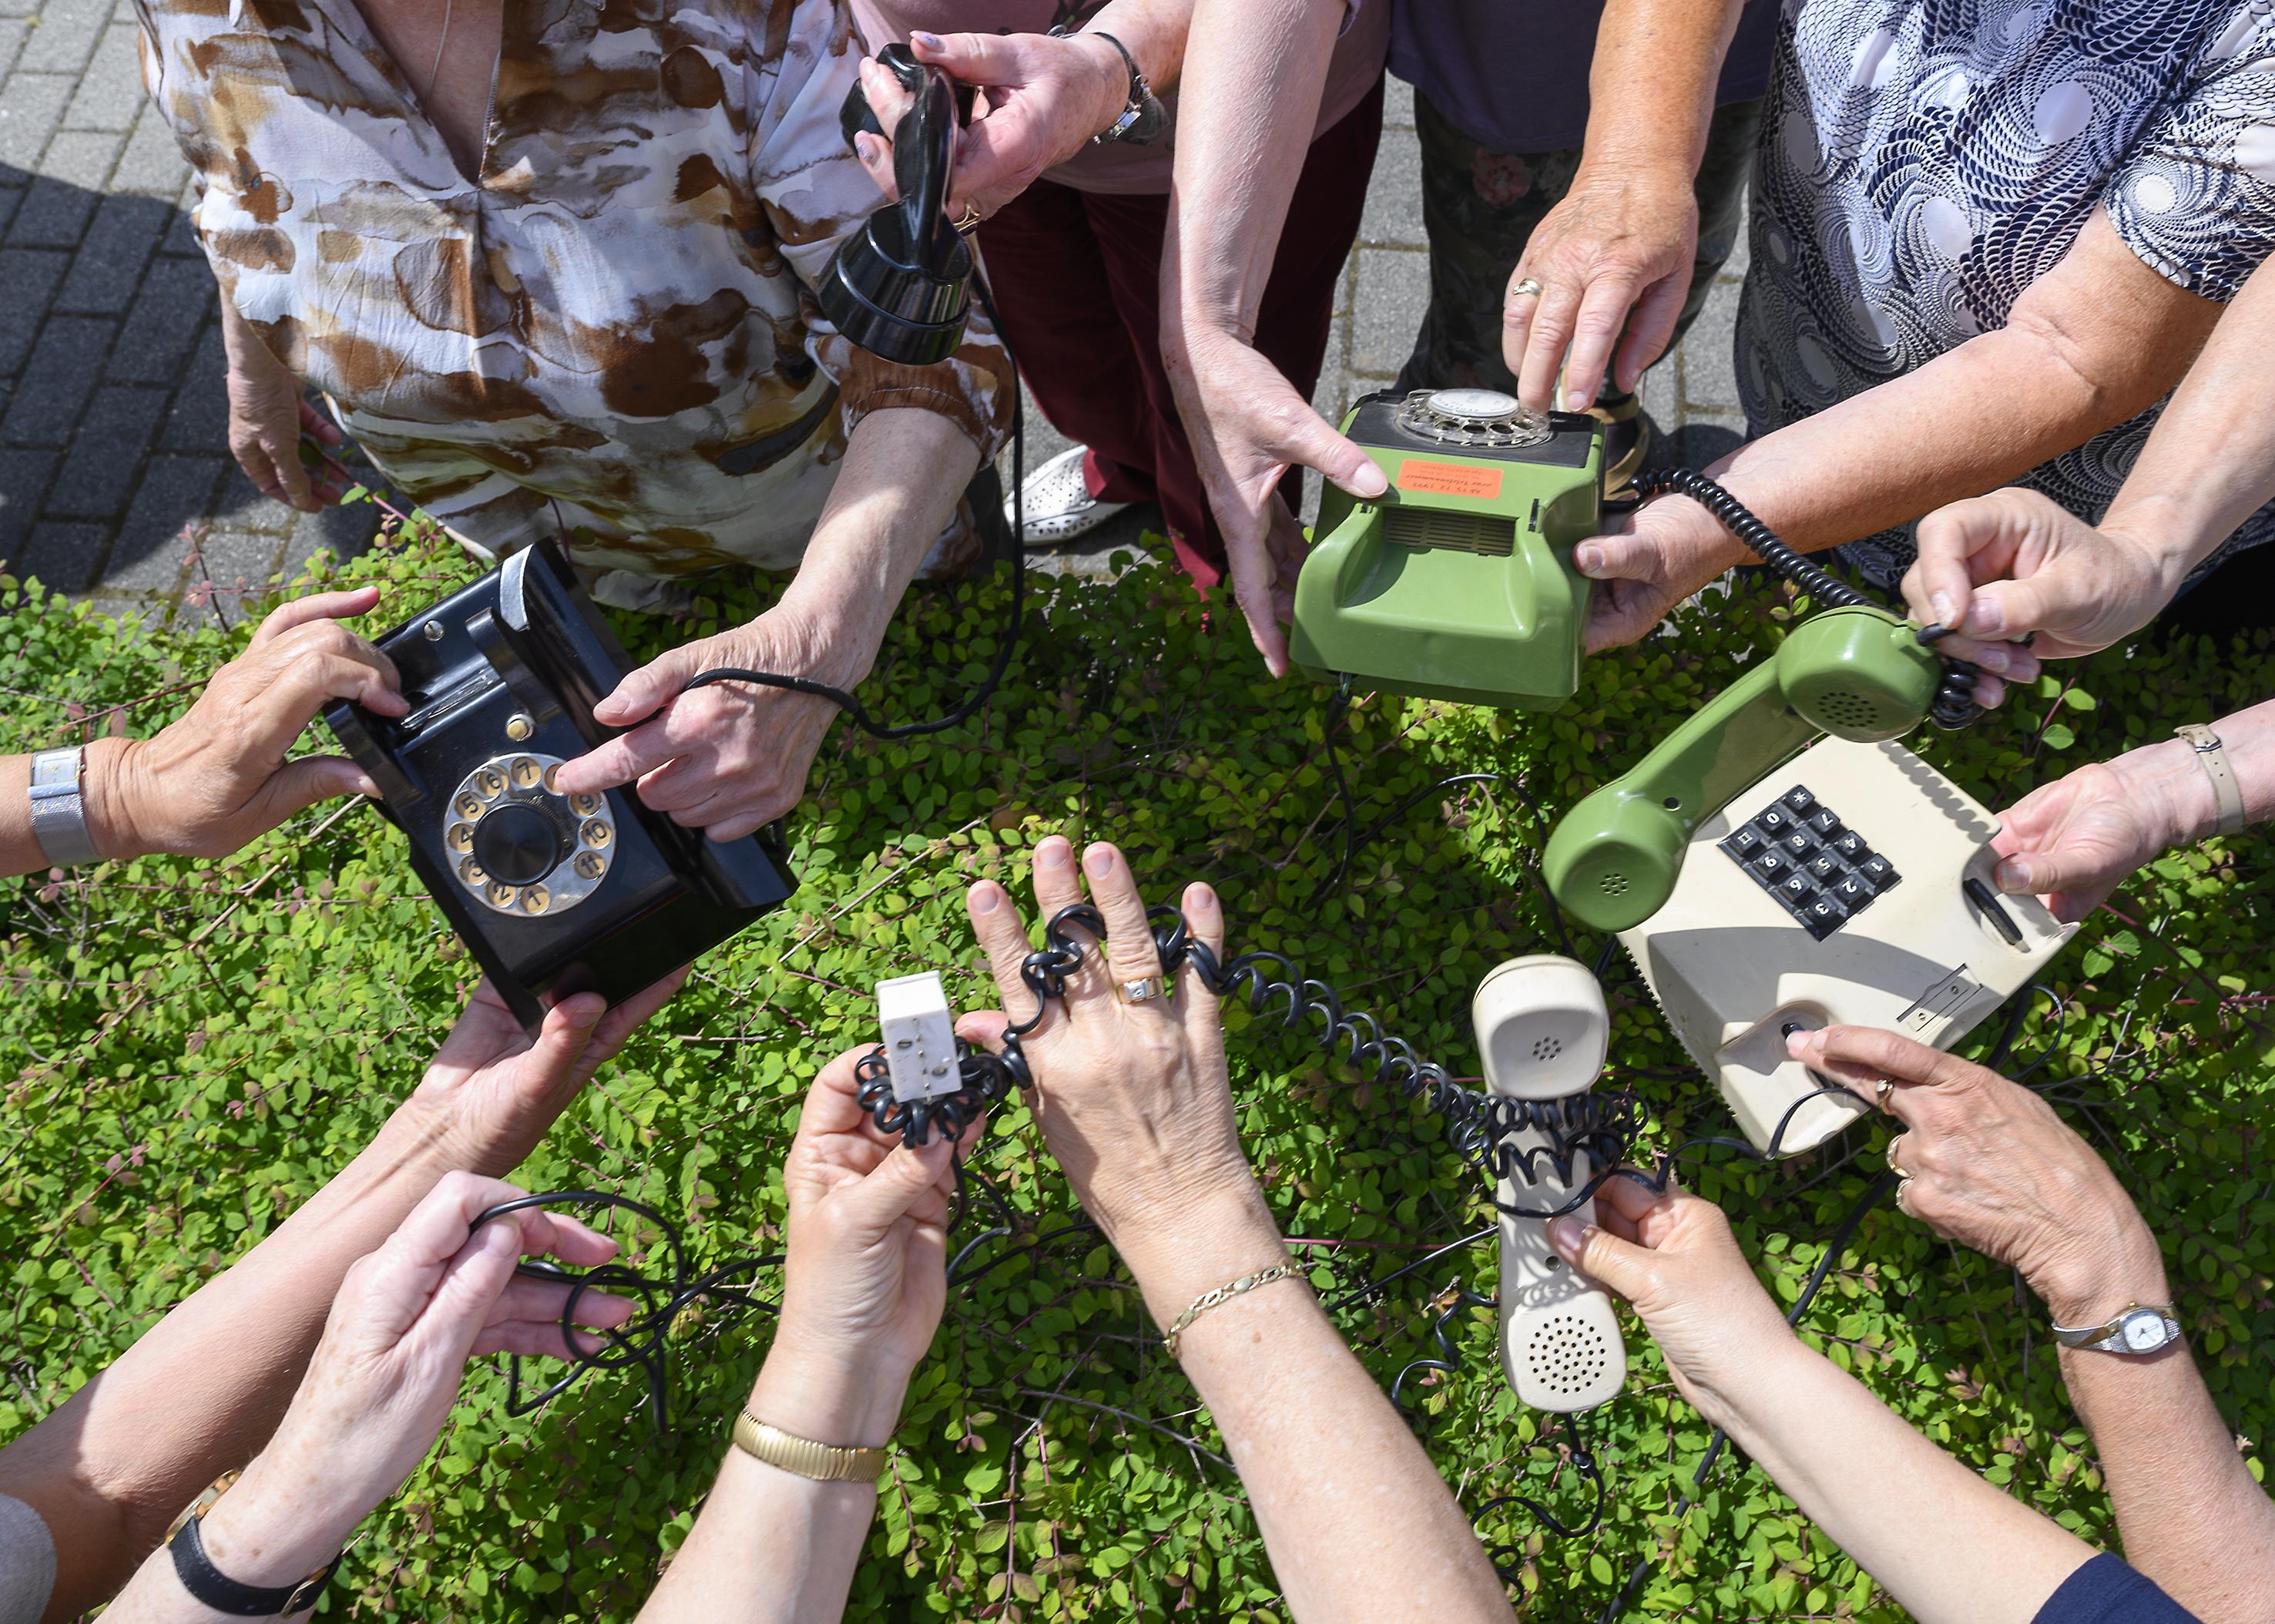 Viele unterschiedliche Hände greifen nach alten Wählscheibentelefonen auf einer grünen Hecke.